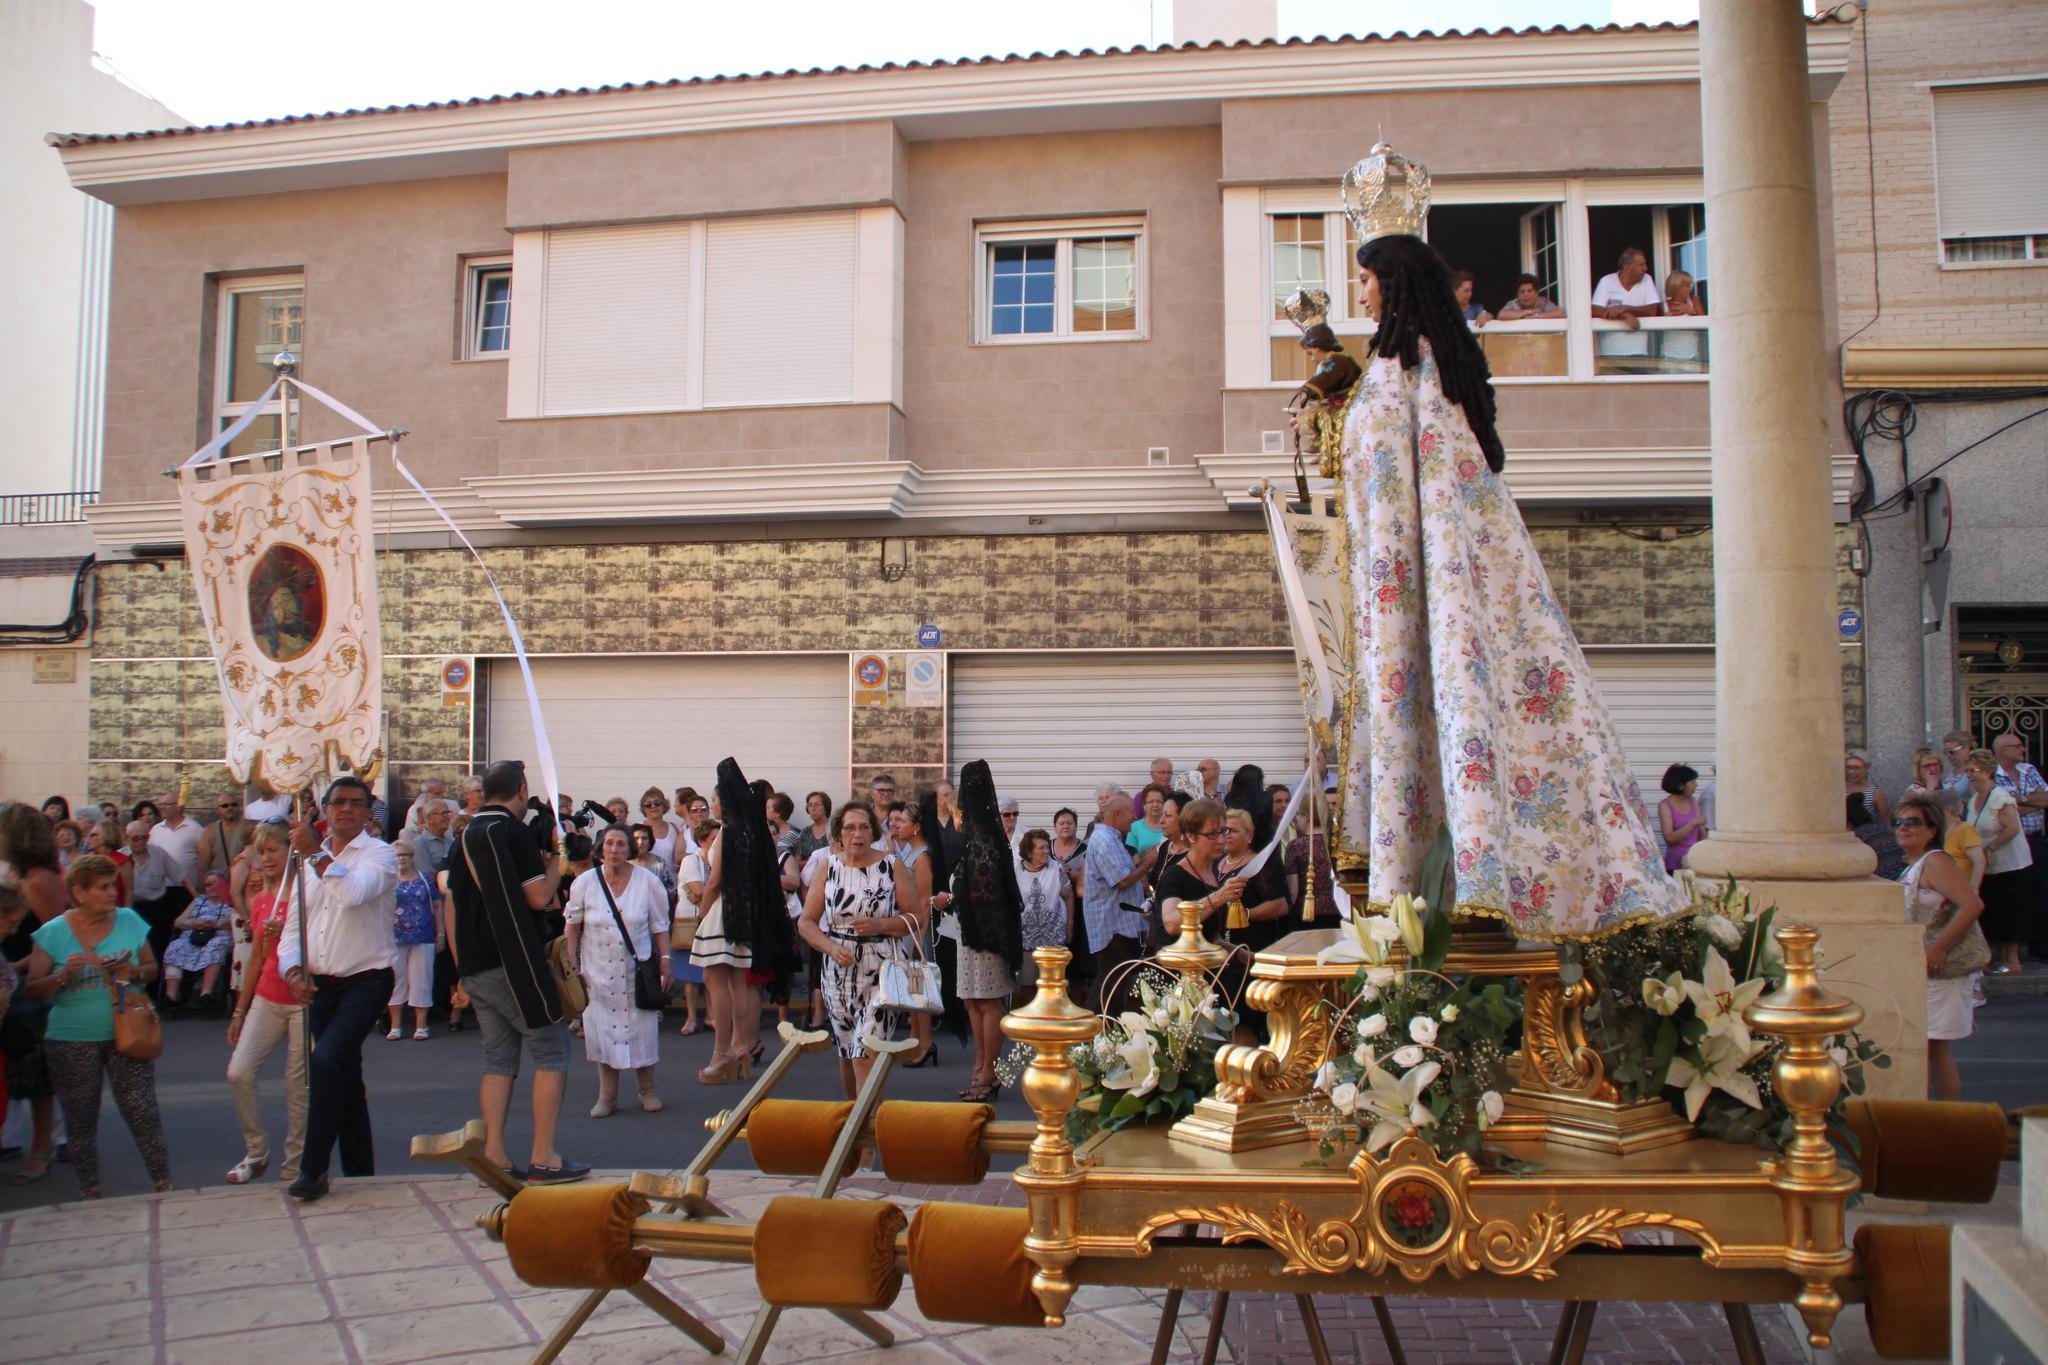 (2015-07-12) - Virgen del Carmen, parroquia La Santa Cruz - Javier Romero Ripoll (46)